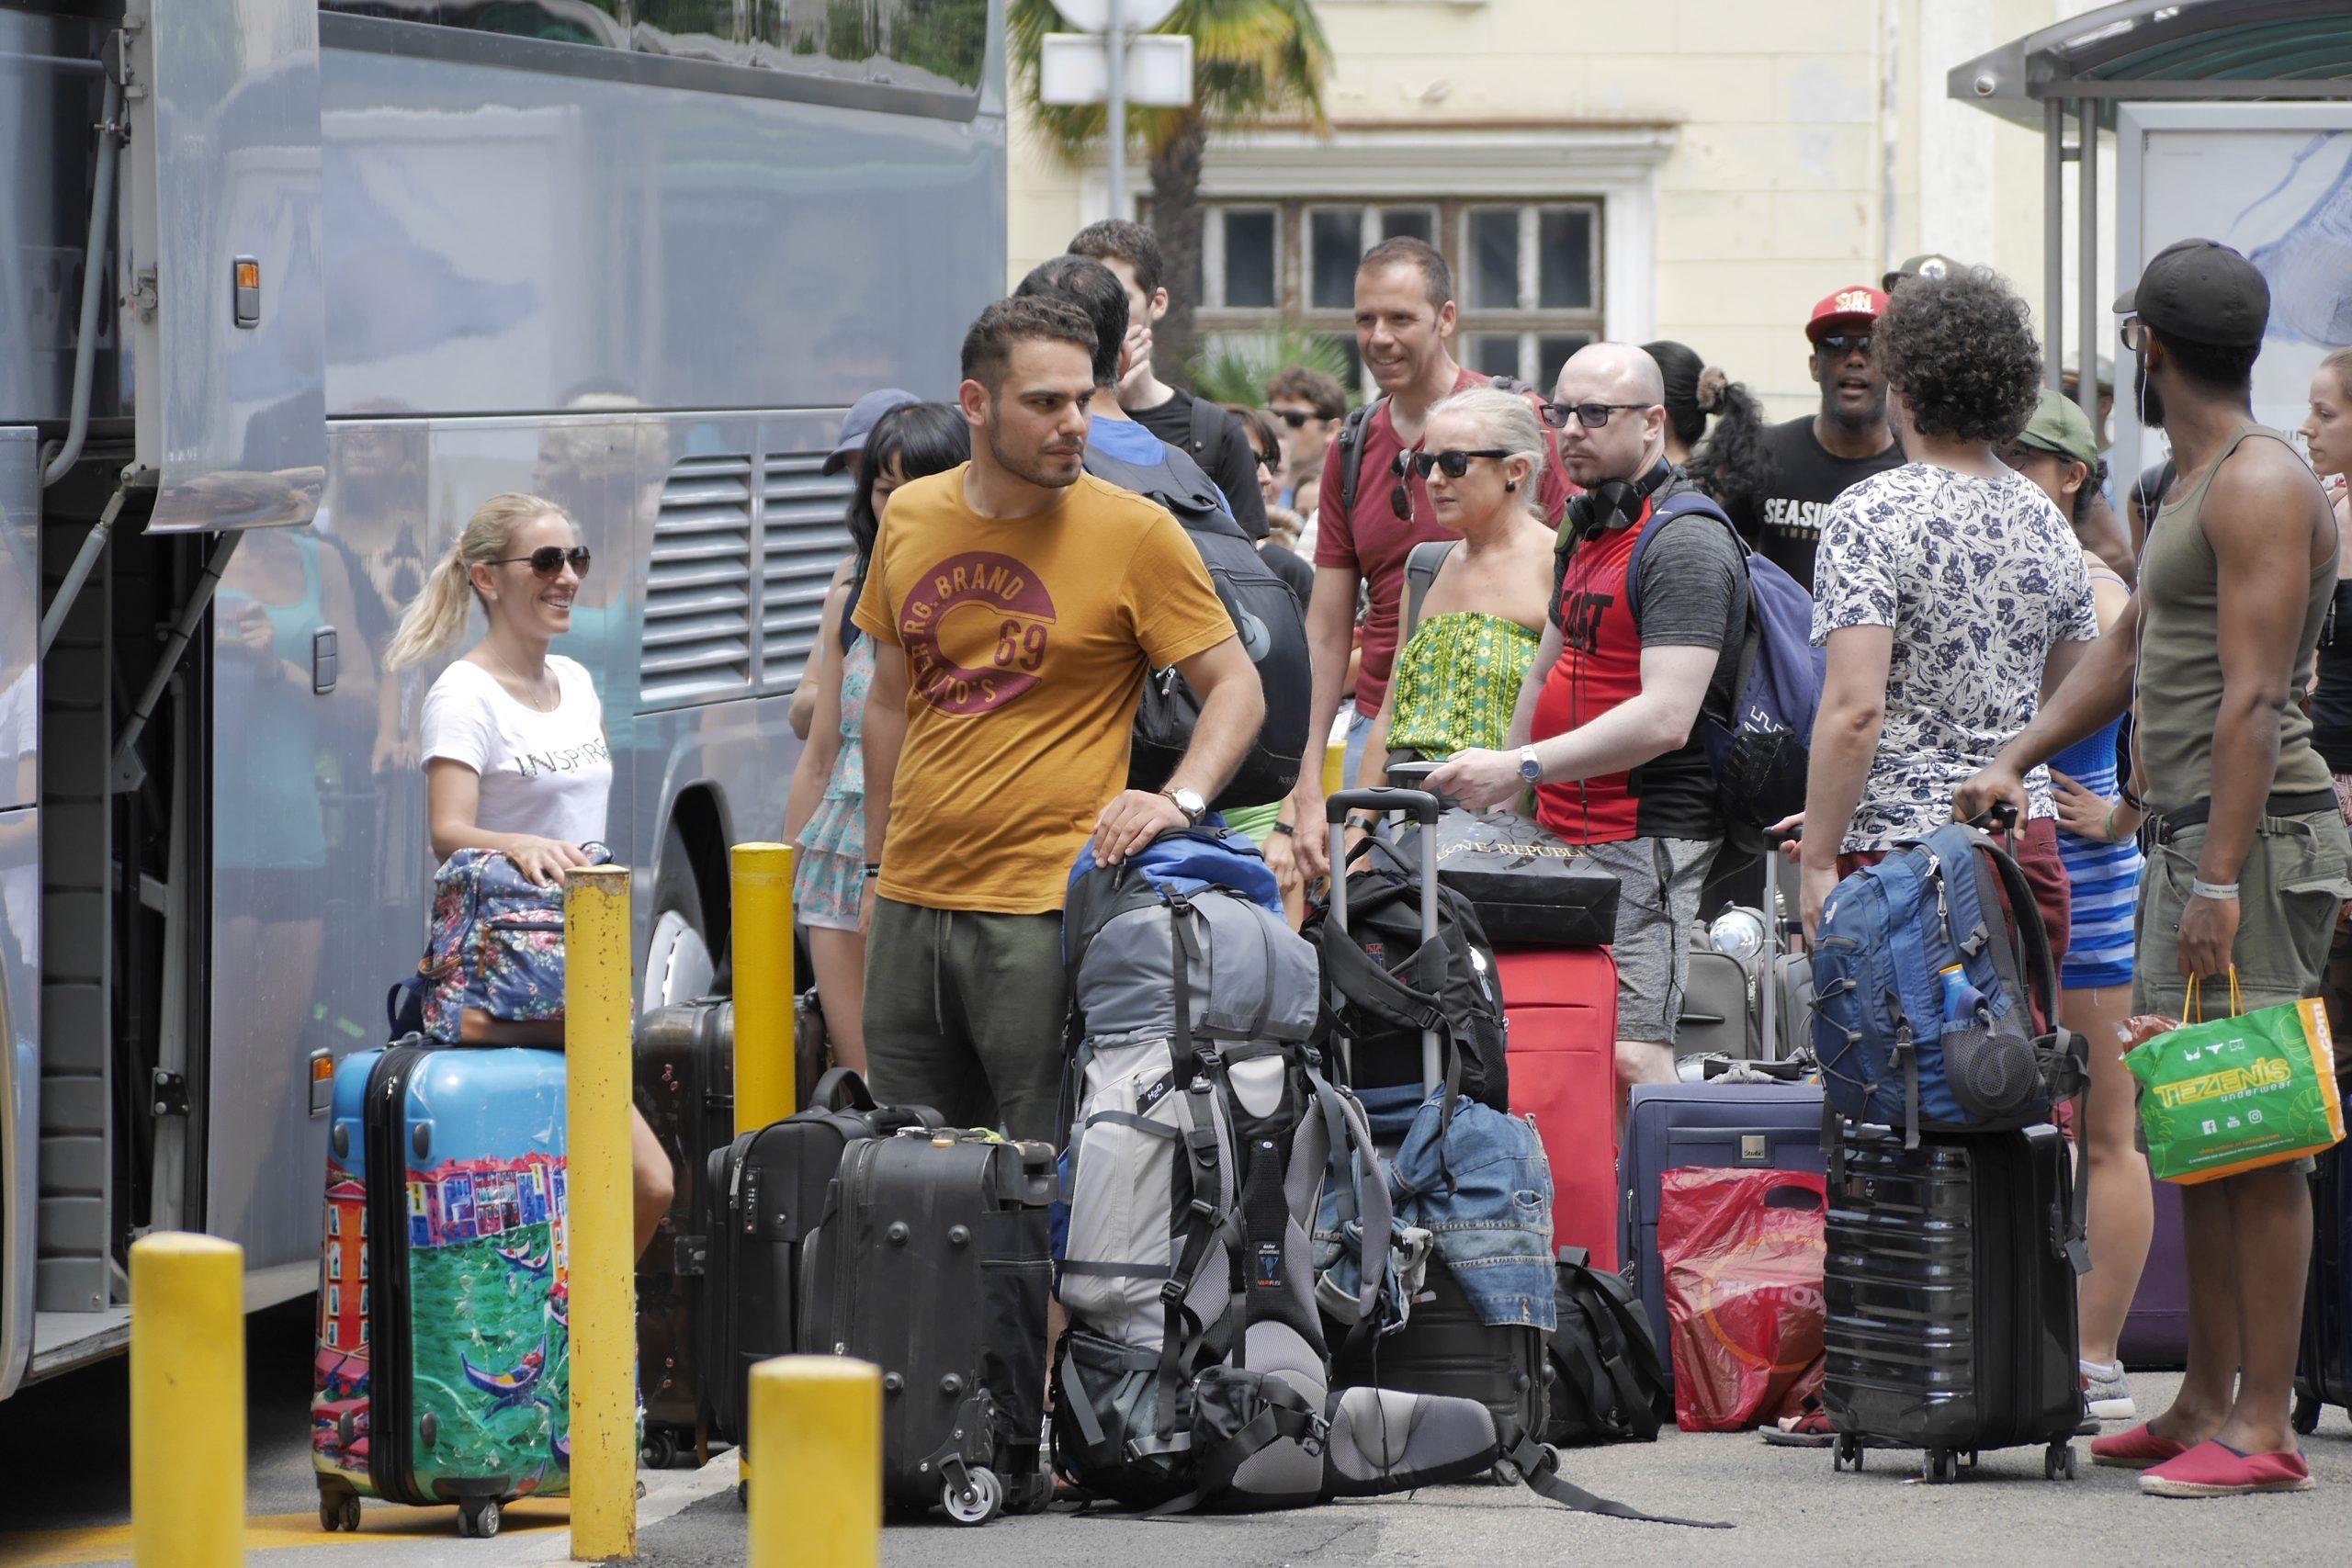 Turisti će od sljedeće godine plaćati veću pristojbu za boravak u Hrvatskoj? / Snimio Marin ANIČIĆ